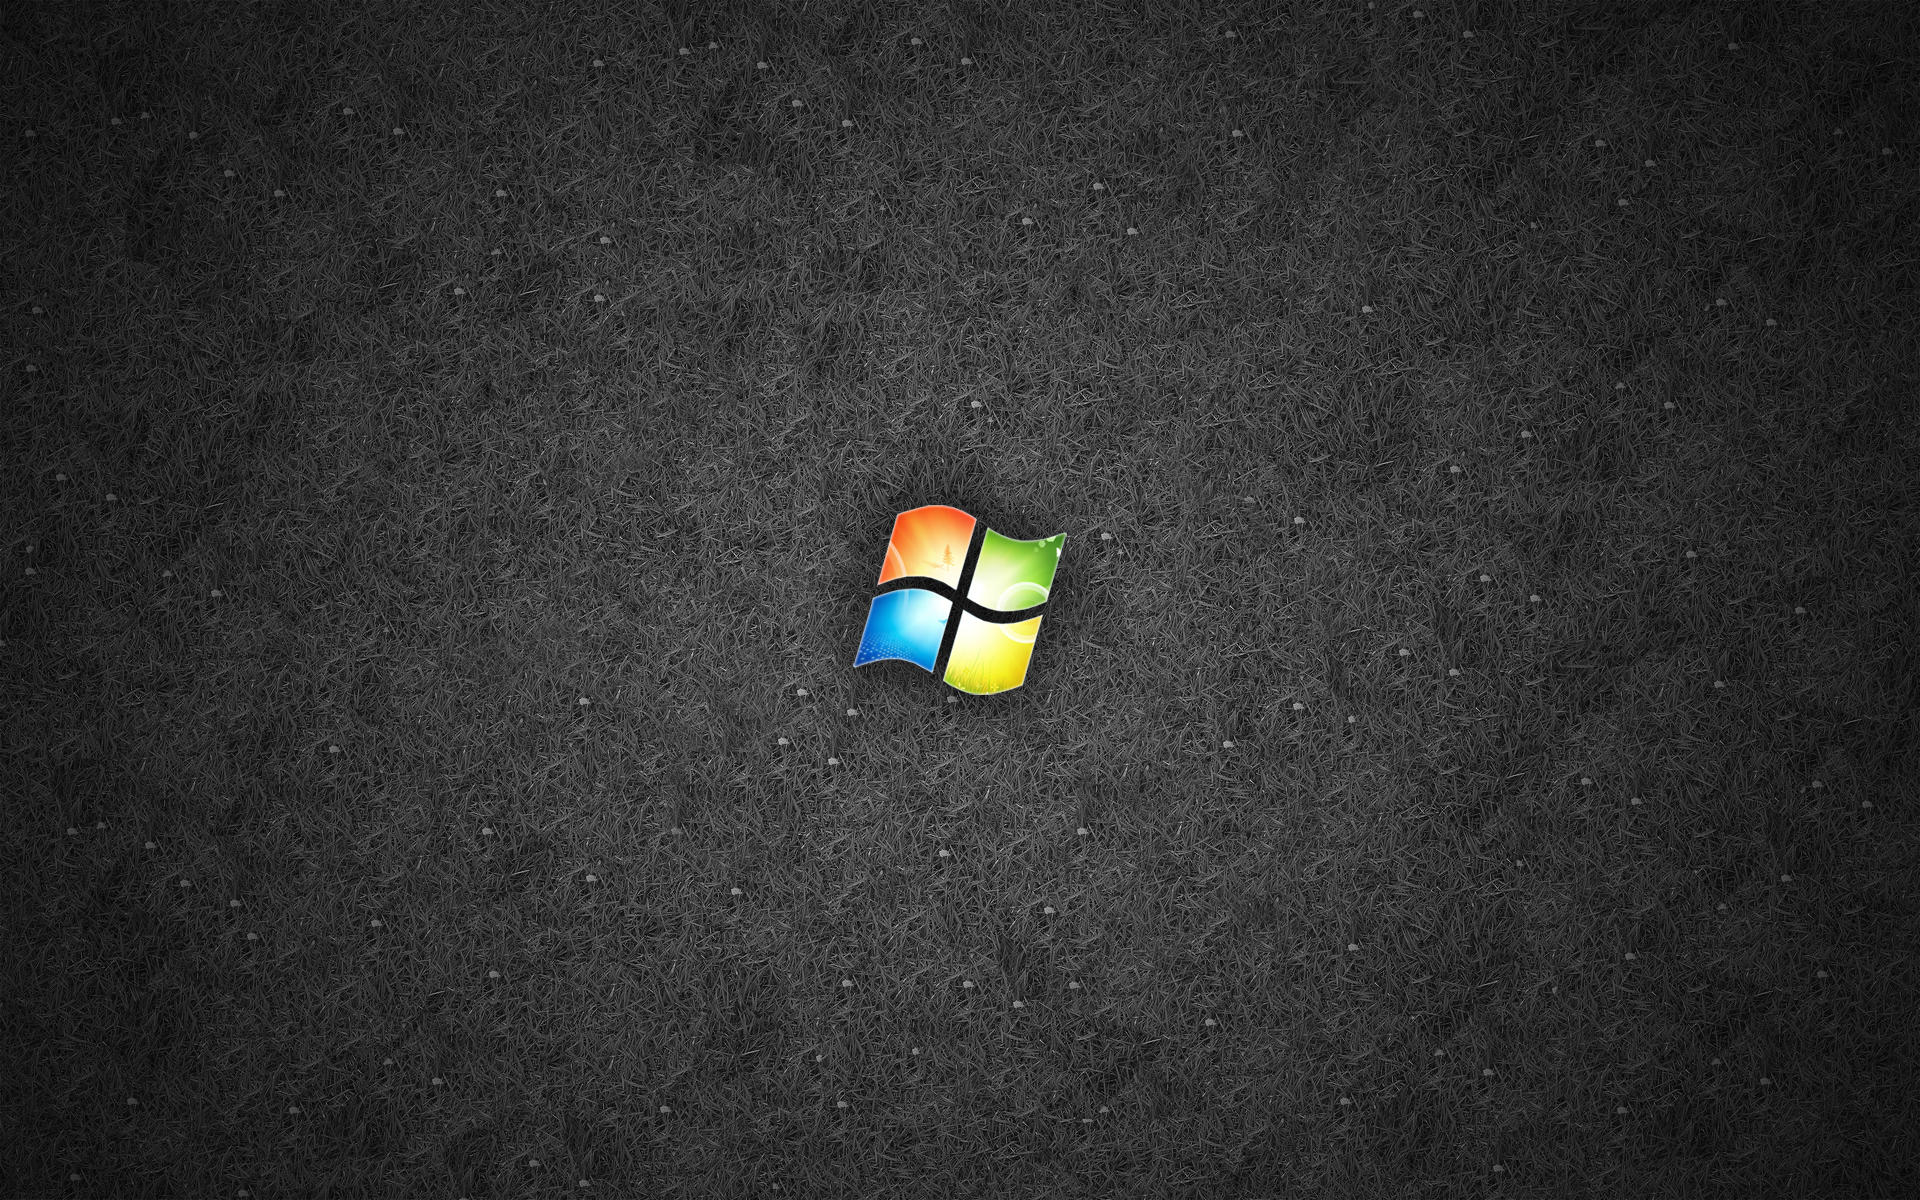 Windows Wallpaper HD No Color by CezarisLT